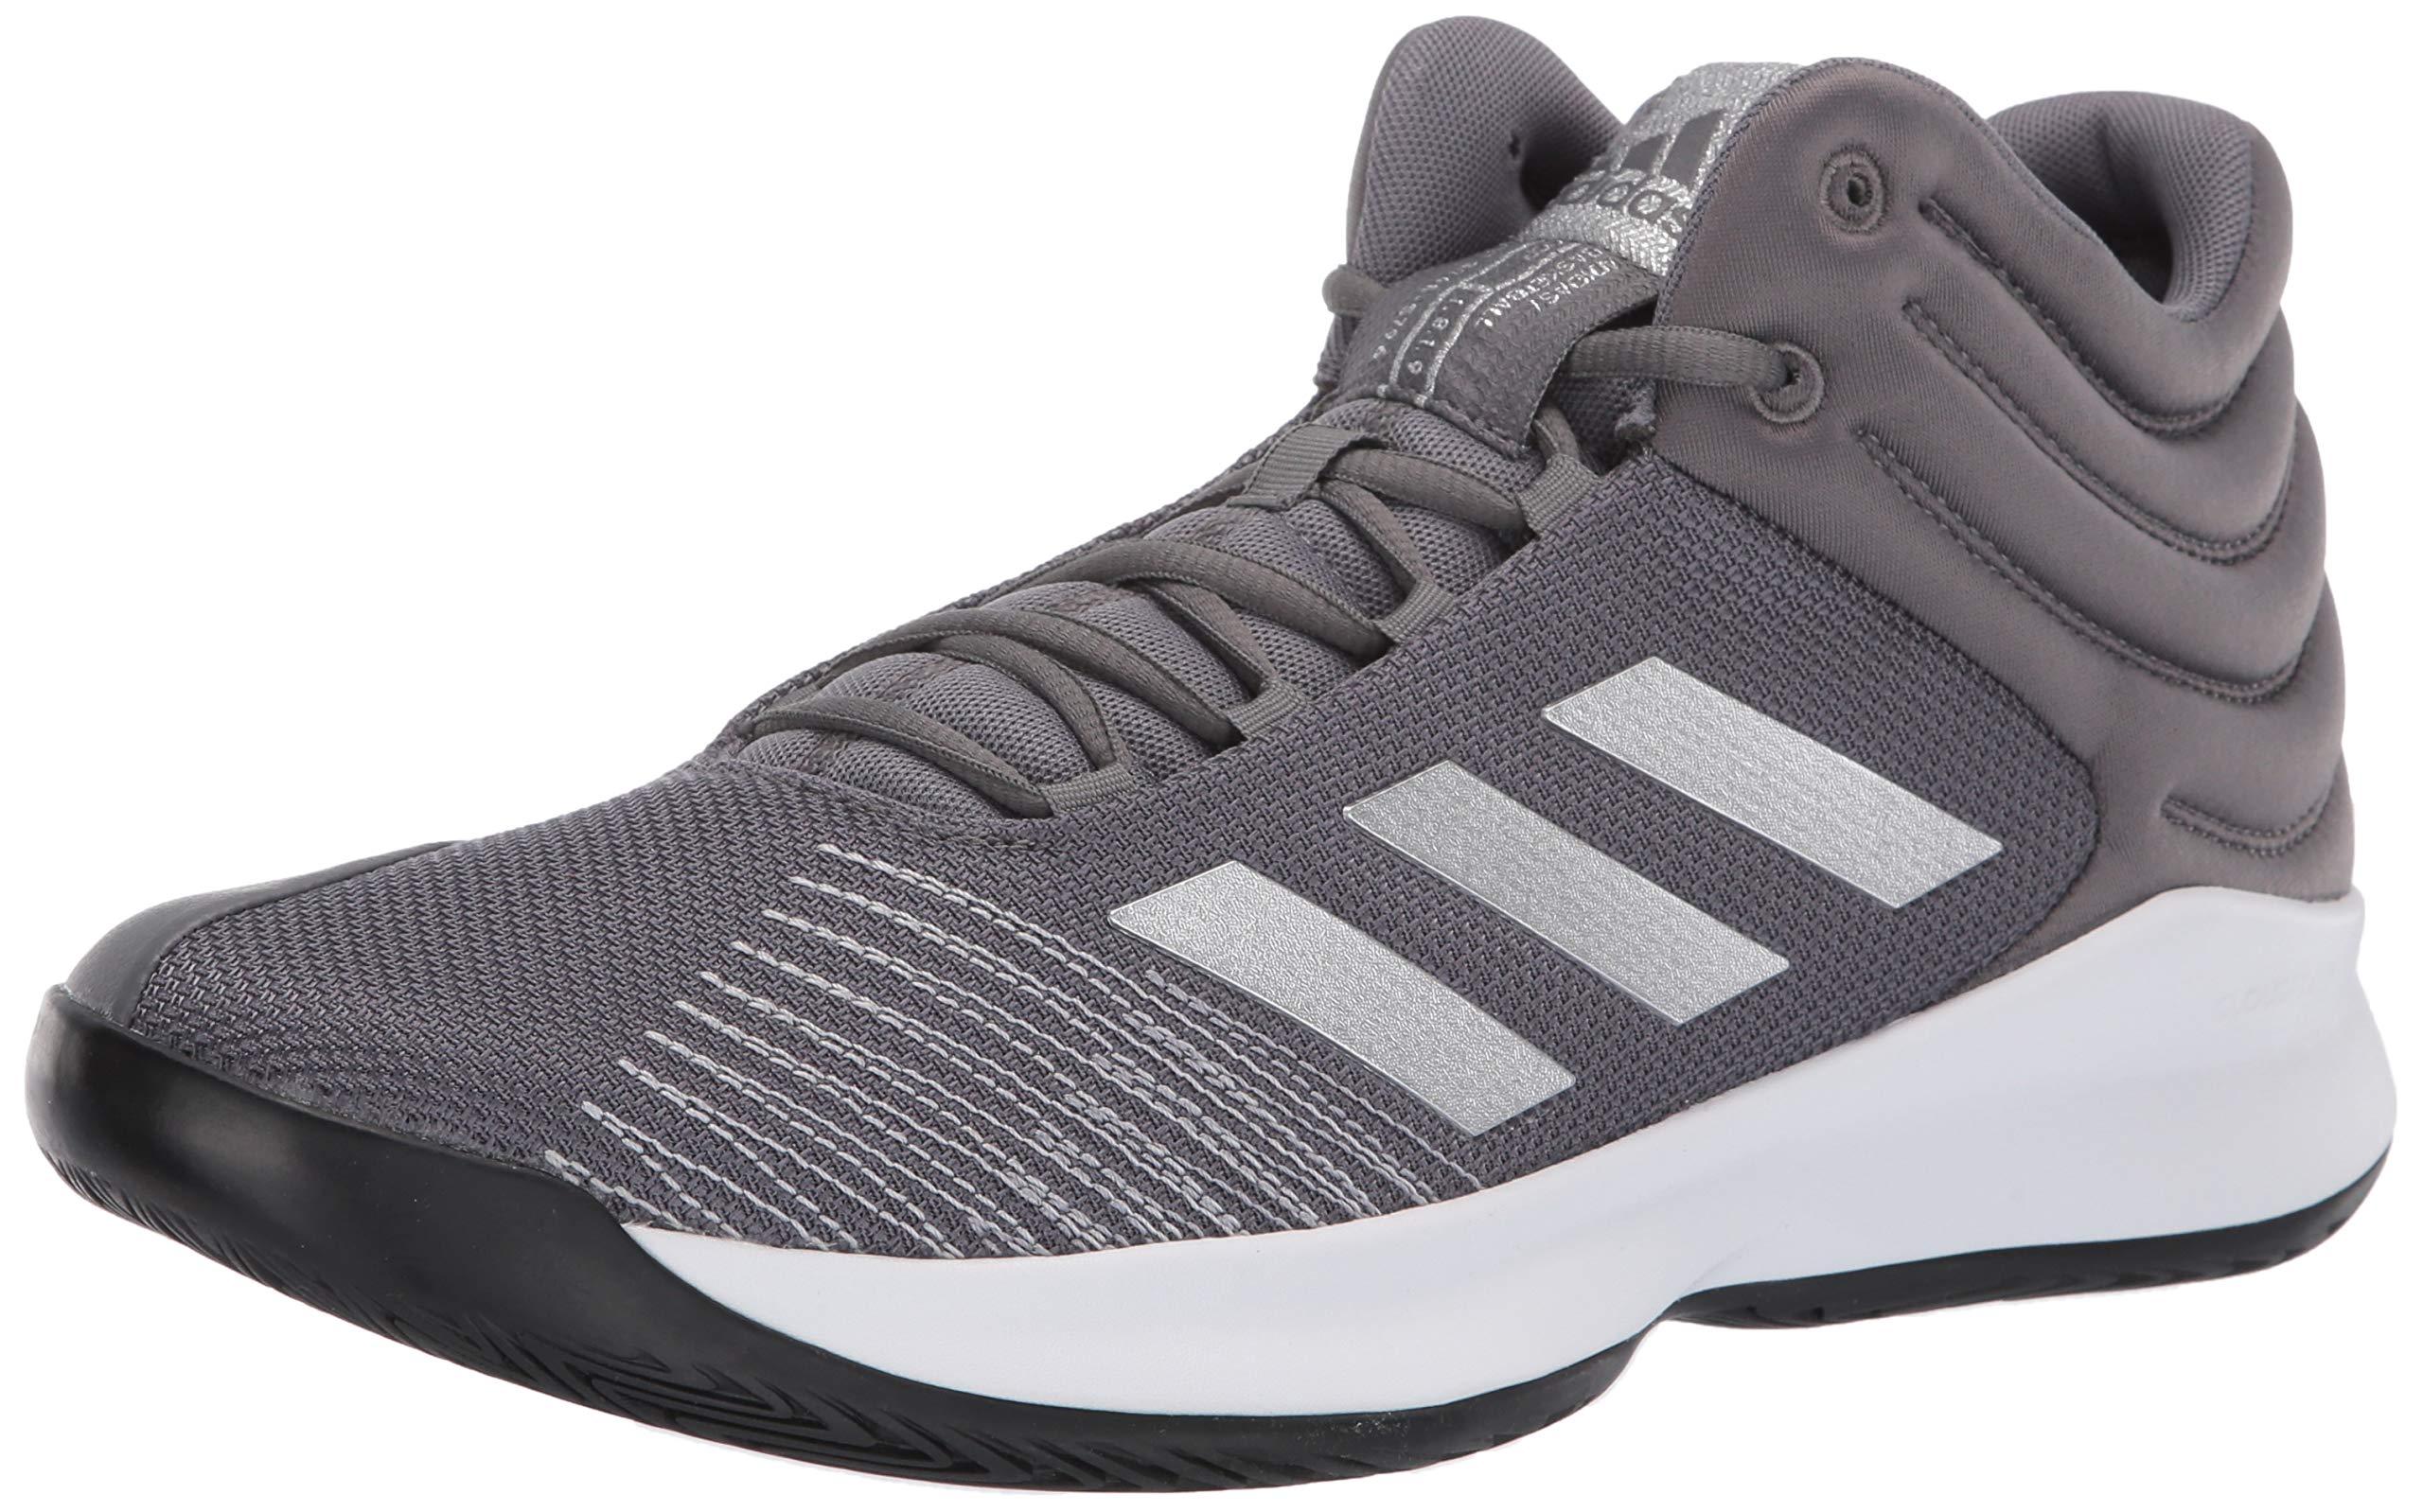 ab5c0f1e45a5 adidas Men s Pro Spark 2018 Basketball Shoe